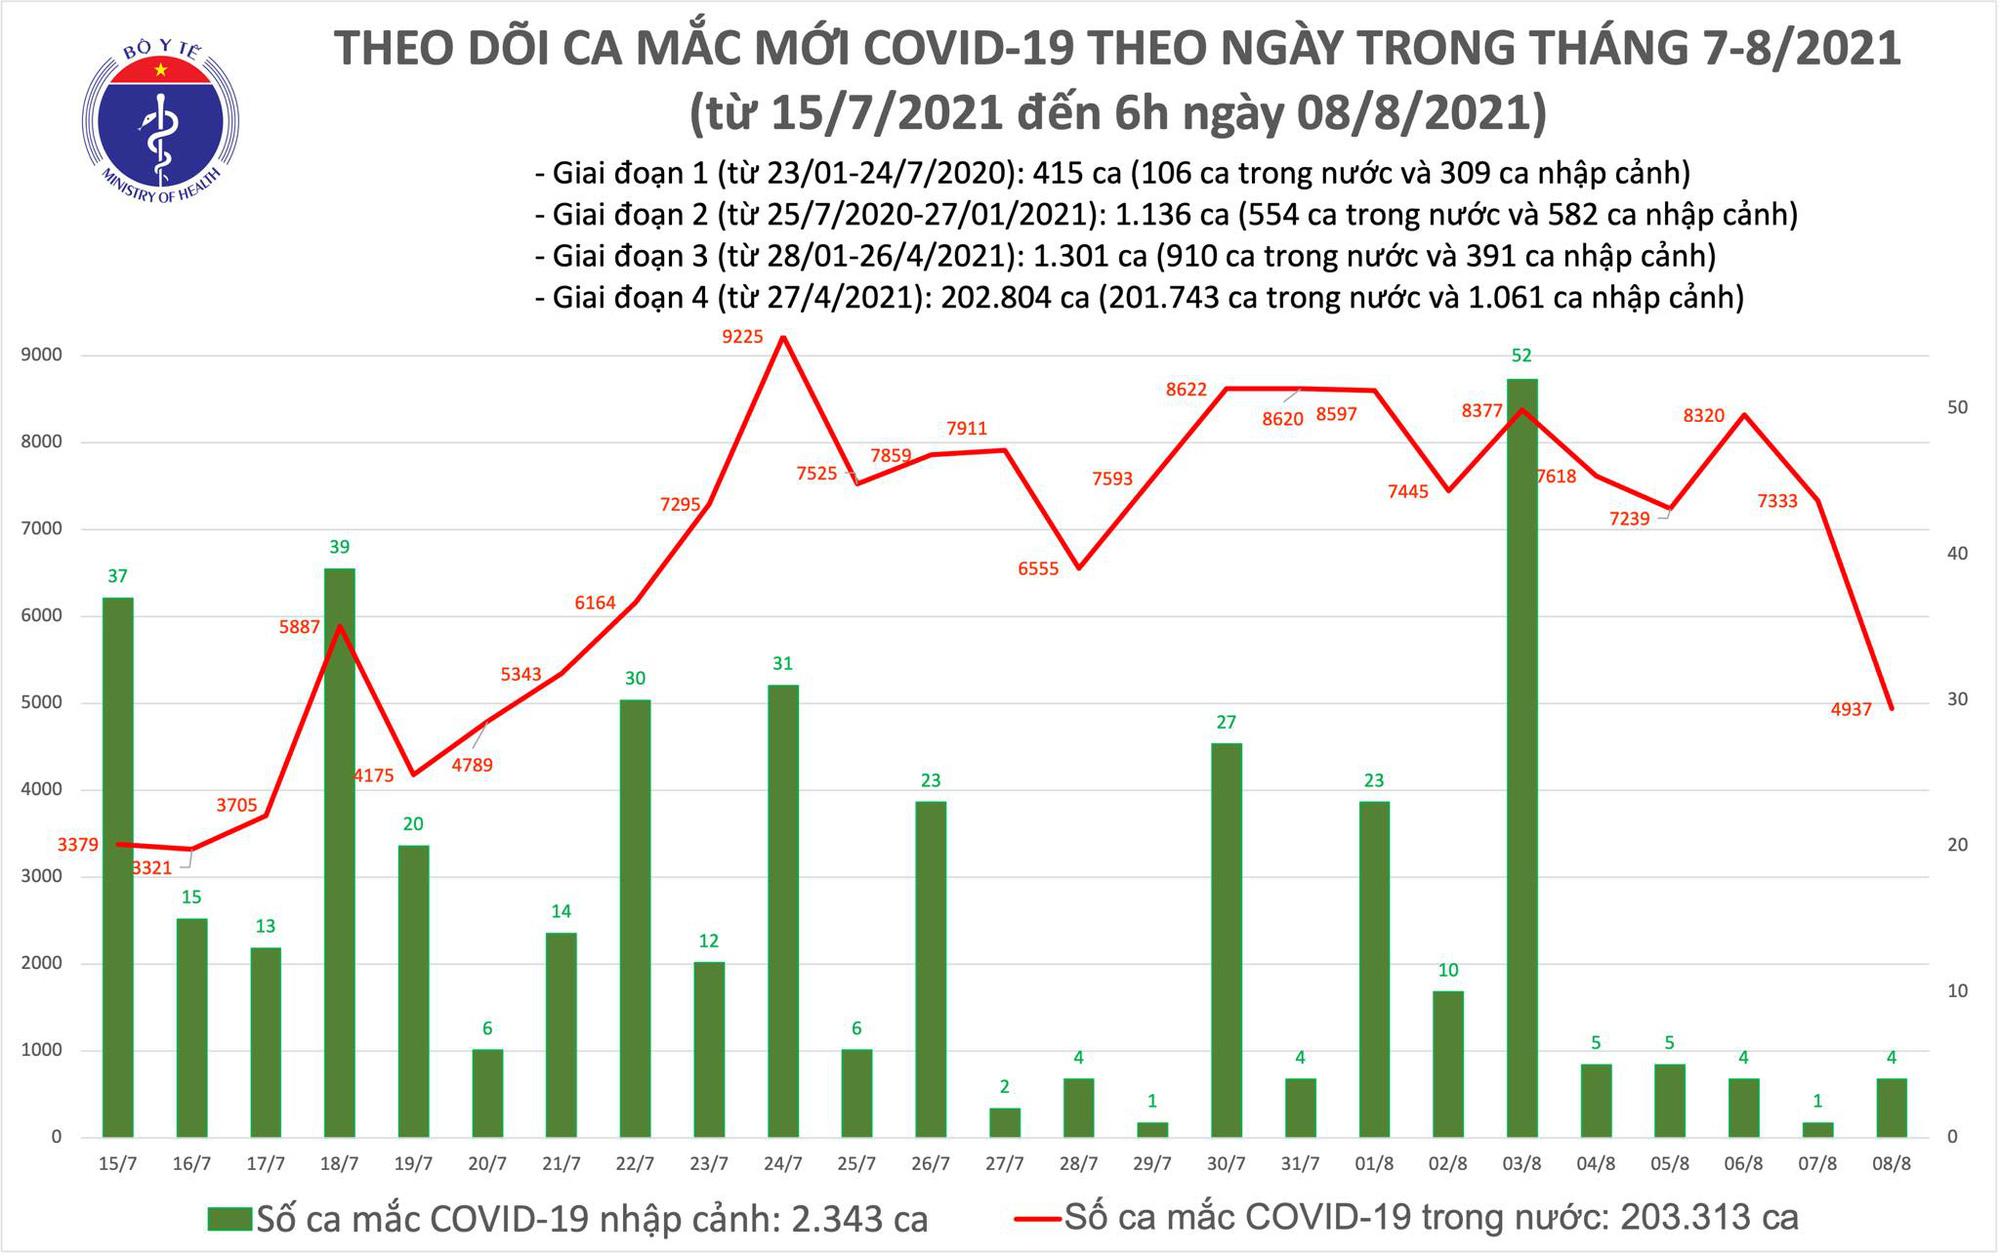 Sáng 8/8: Có 4.941 ca mắc COVID-19, riêng Hà Nội 63 ca; gần 8,9 triệu liều vaccine đã được tiêm chủng - Ảnh 1.